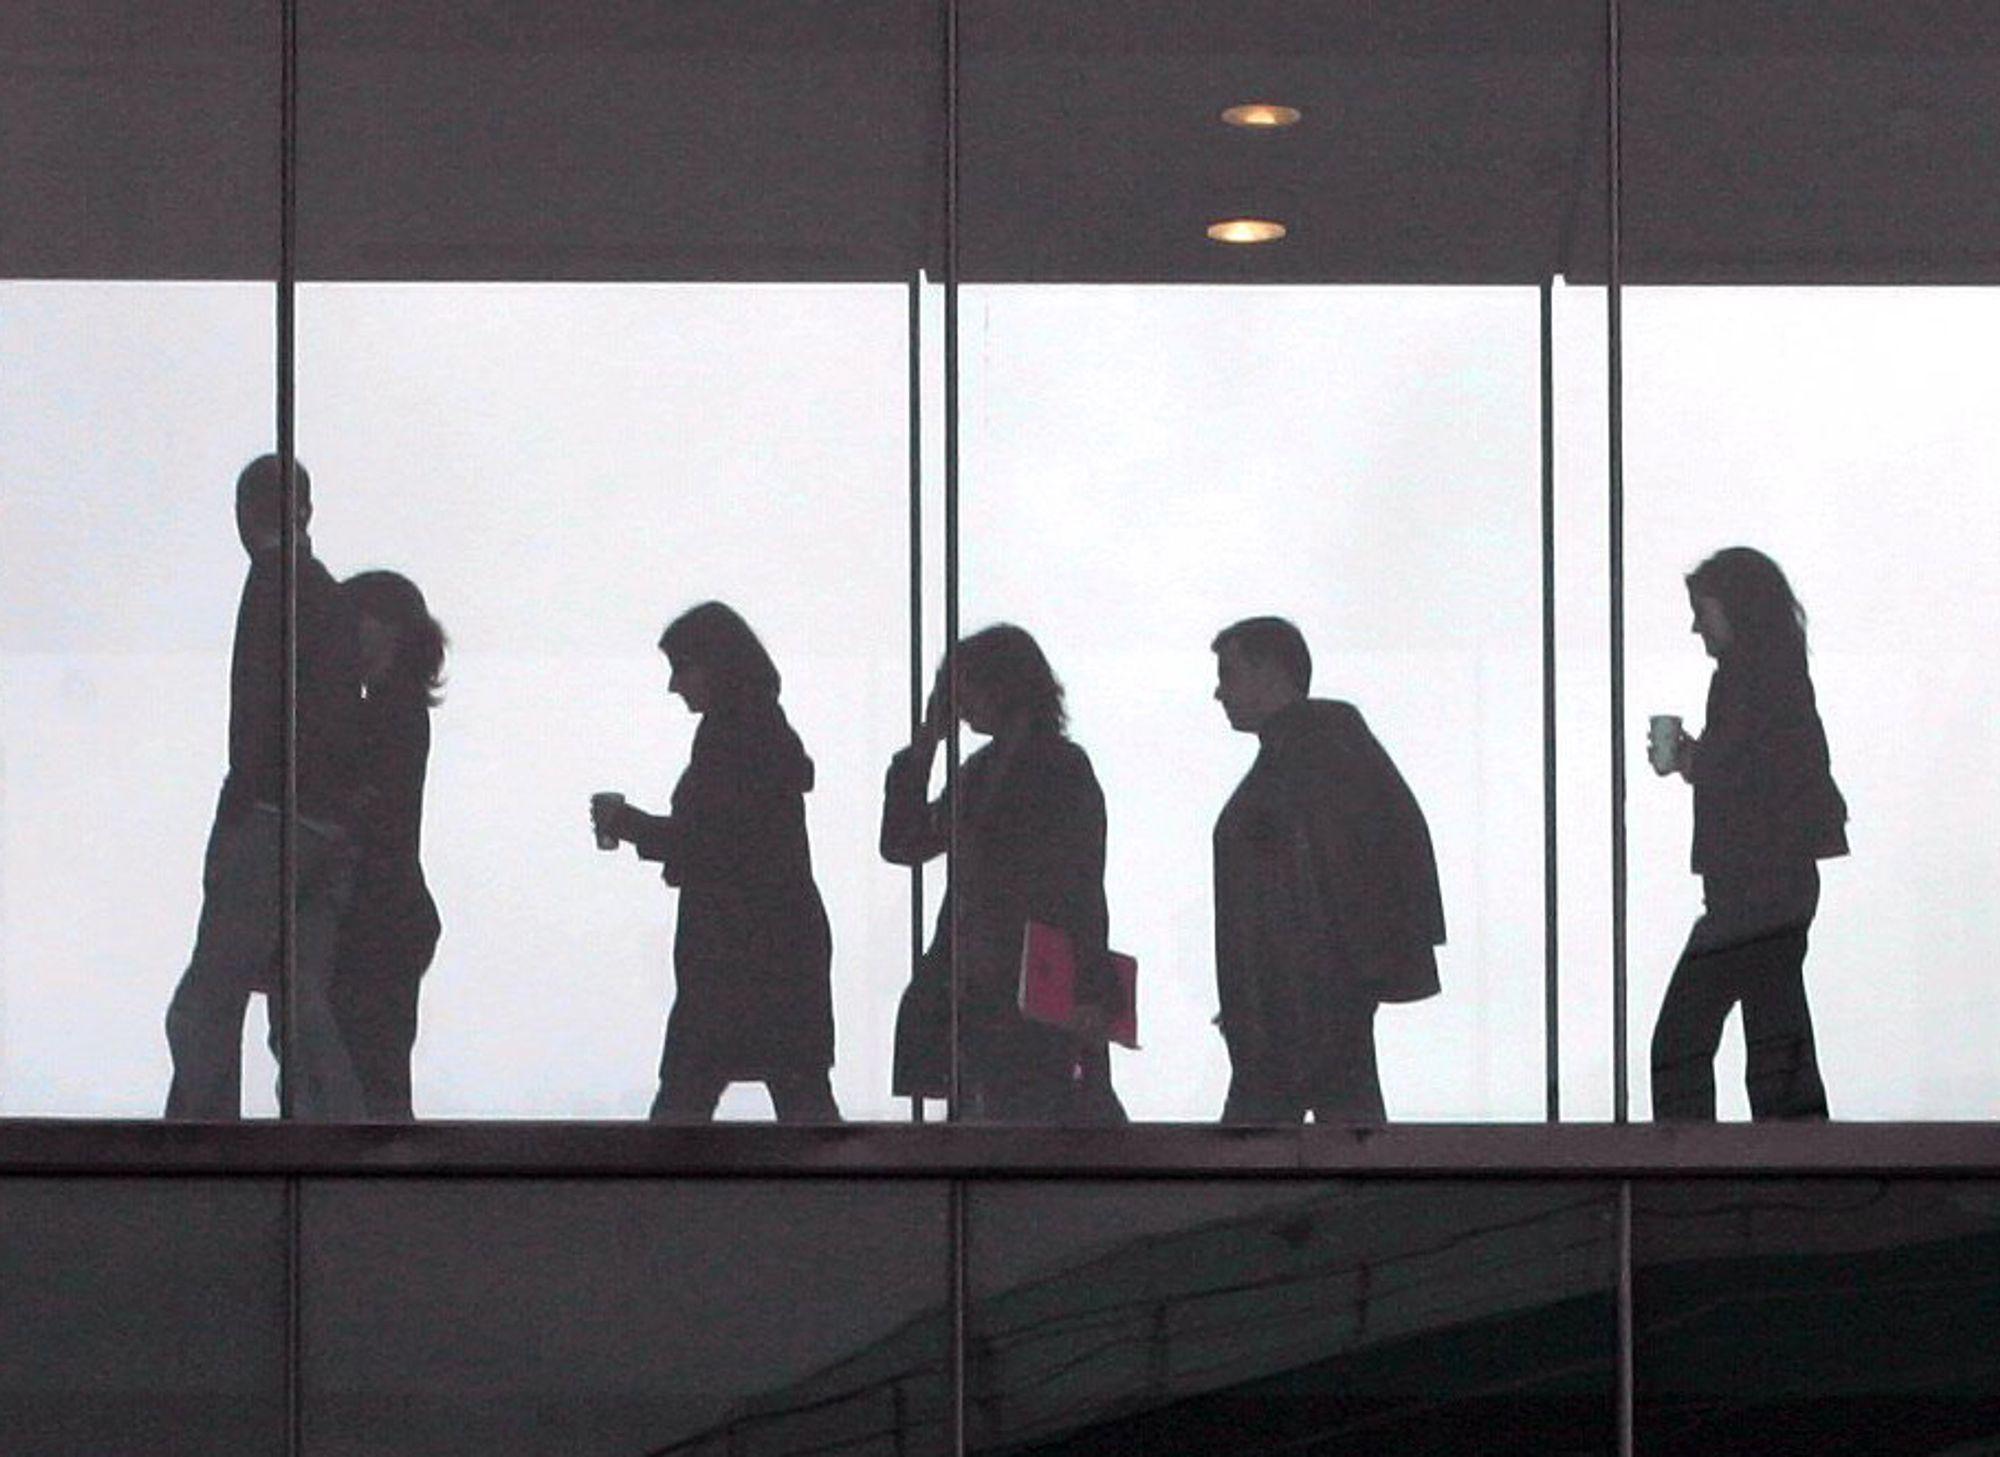 En studie ved Harvard Business School viser at jobbsøkere ofte bryr seg mer om selskapets rykte enn hvor mye mer de kan tjene.